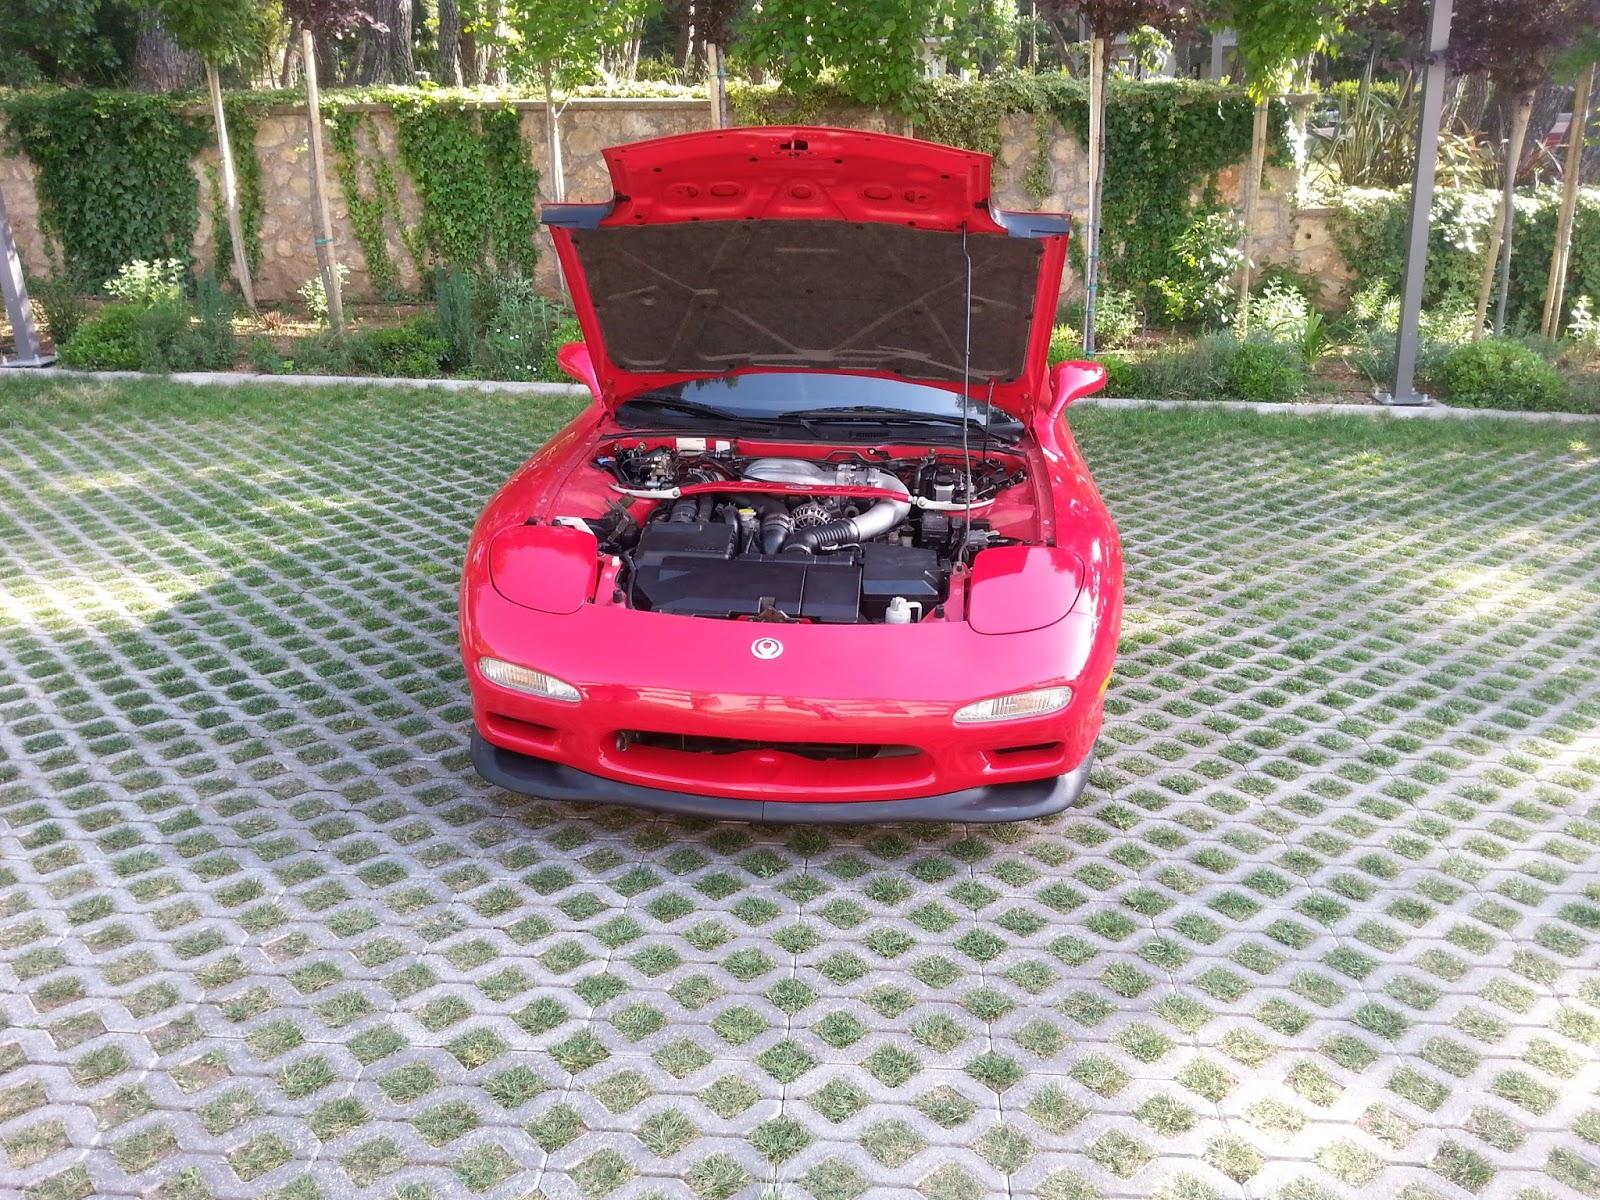 9 Όταν οδήγησα ένα καινούριο Mazda RX-7 Mazda, Mazda RX-7, TEST, zblog, αυτοκίνητα, ΔΟΚΙΜΕΣ, καινούρια, μεταχειρισμένα, οδηγούμε